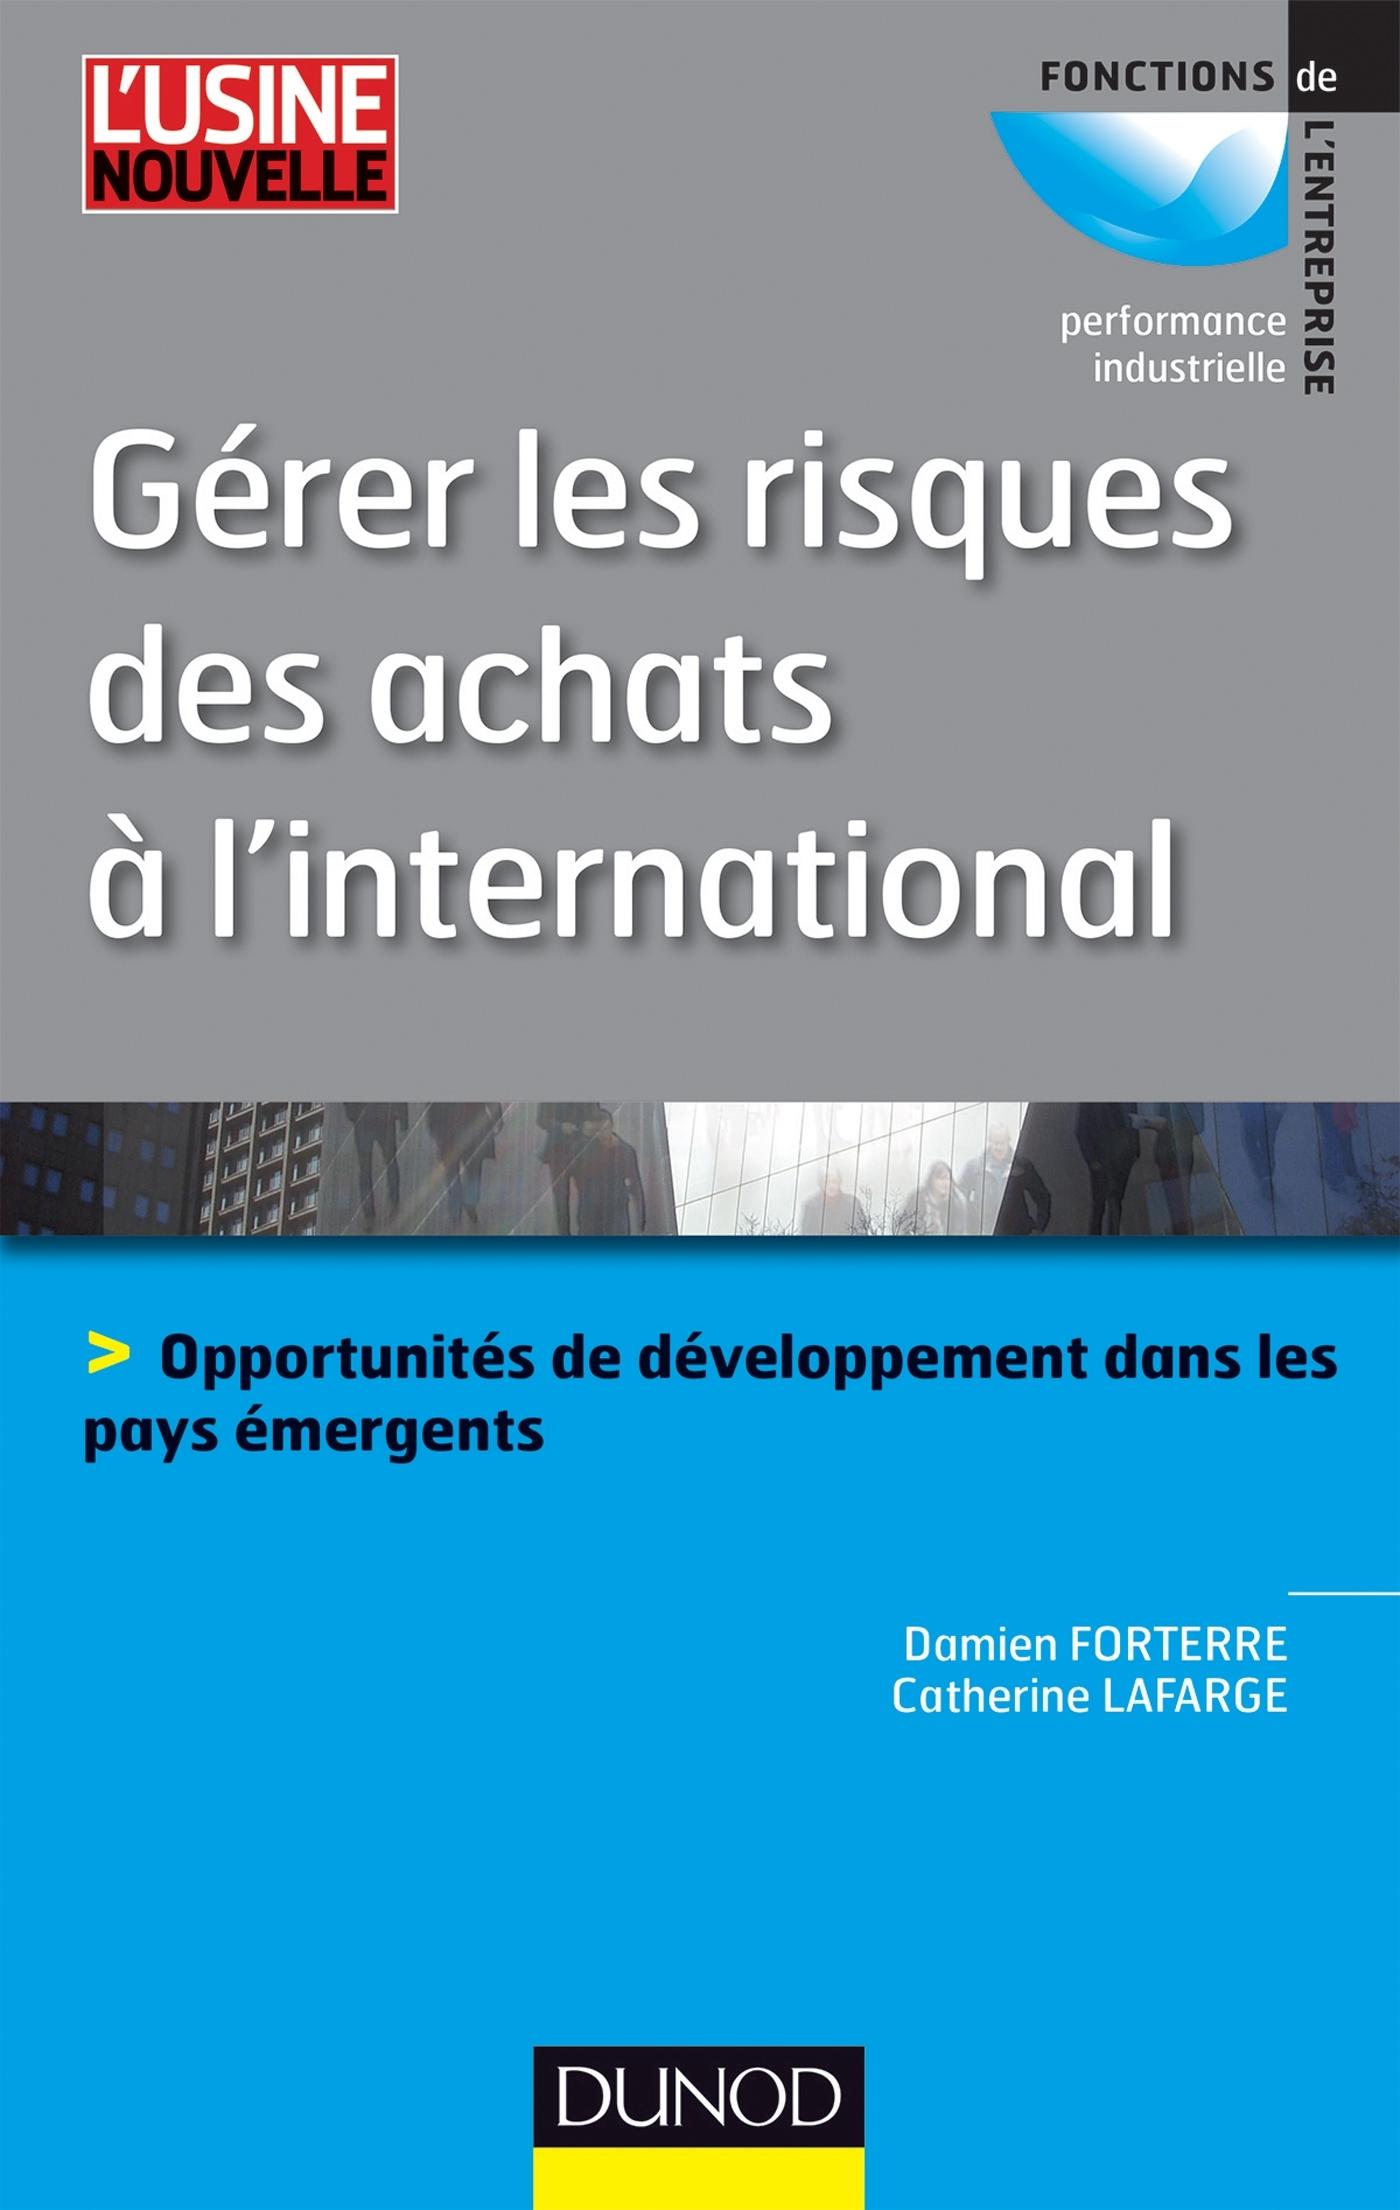 GERER LES RISQUES DES ACHATS A L'INTERNATIONAL